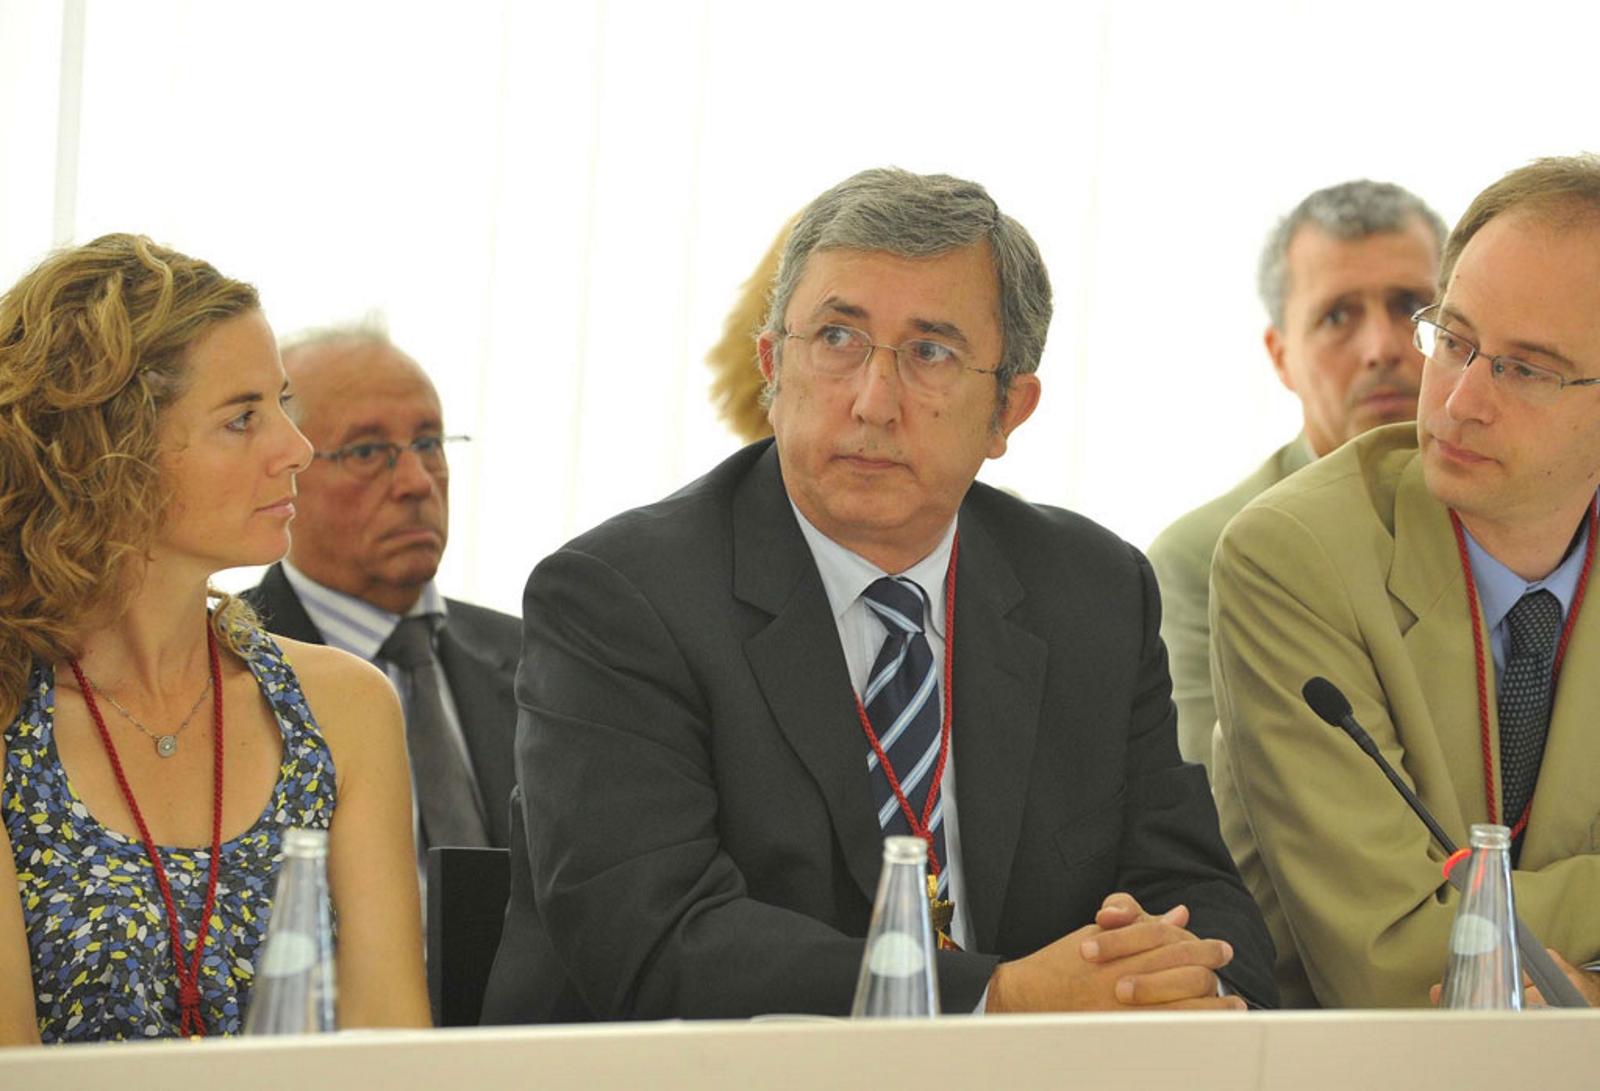 Concejales del PP y concejales separatistas votan juntos en contra del Derecho a la Vida en San Cugat del Vallés